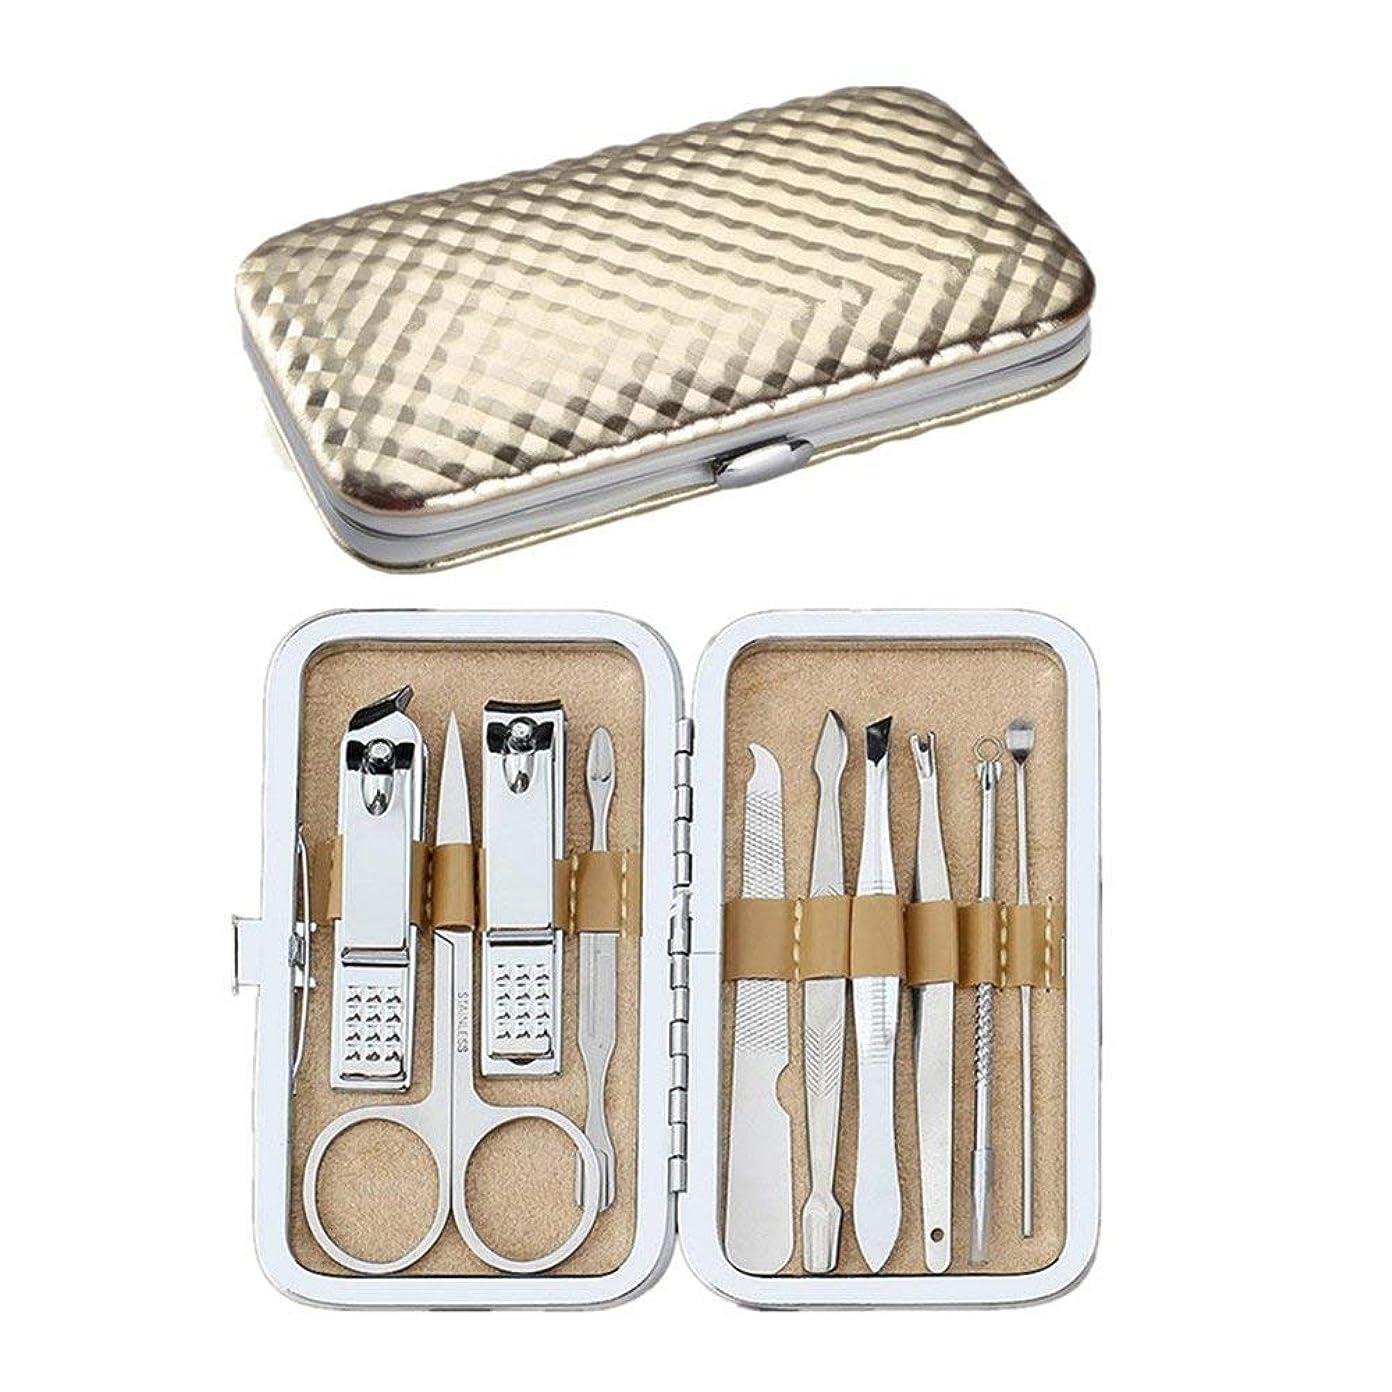 爪切りセット 高級感 ネイルケア10点セット グルーミング 収納箱携帯 金色